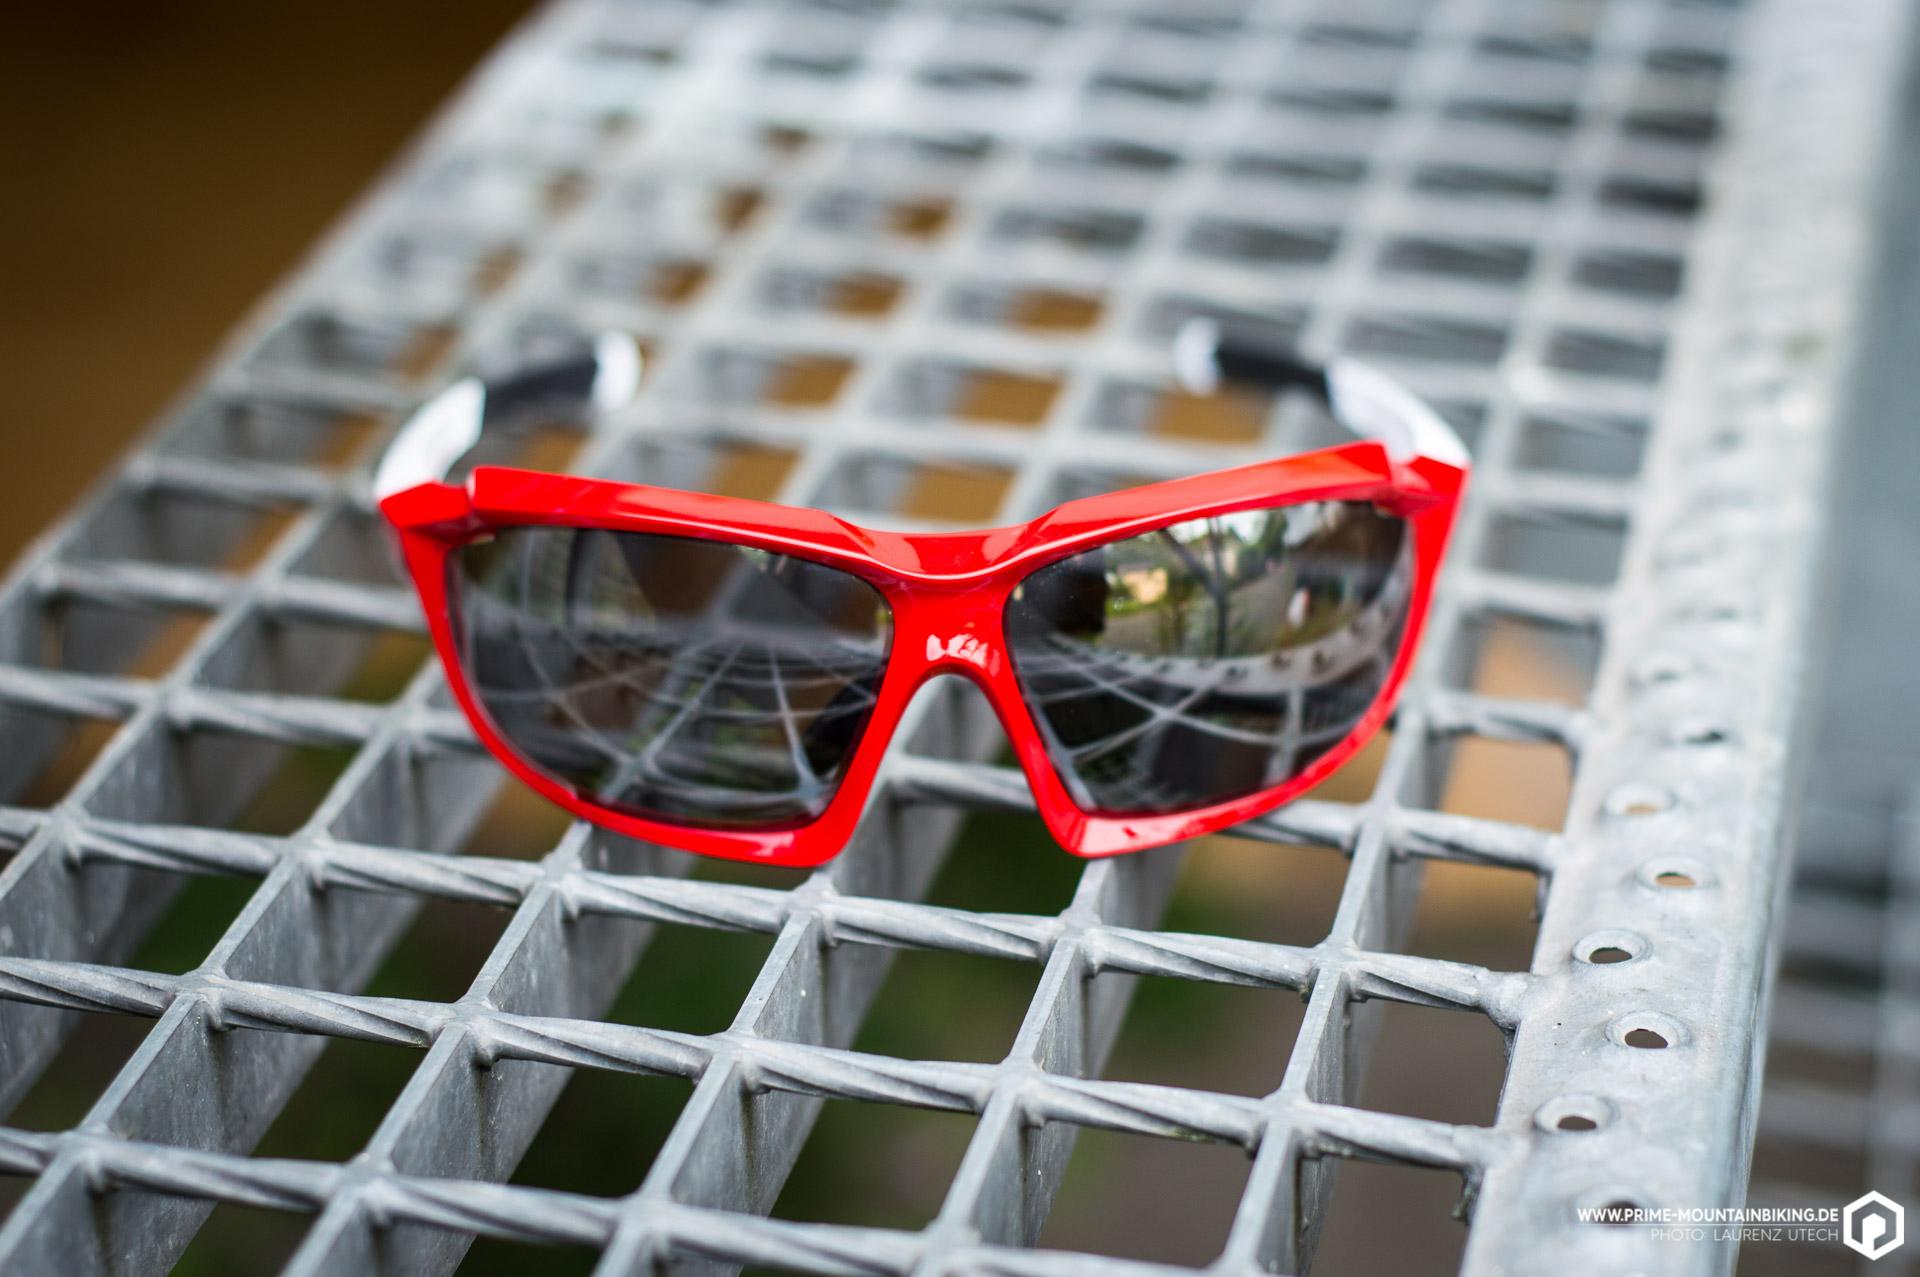 Die verspiegelten Gläser der Sportstyle 710vm sollen sich innerhalb kürzester Zeit automatisch in ihrer Tönung anpassen können.